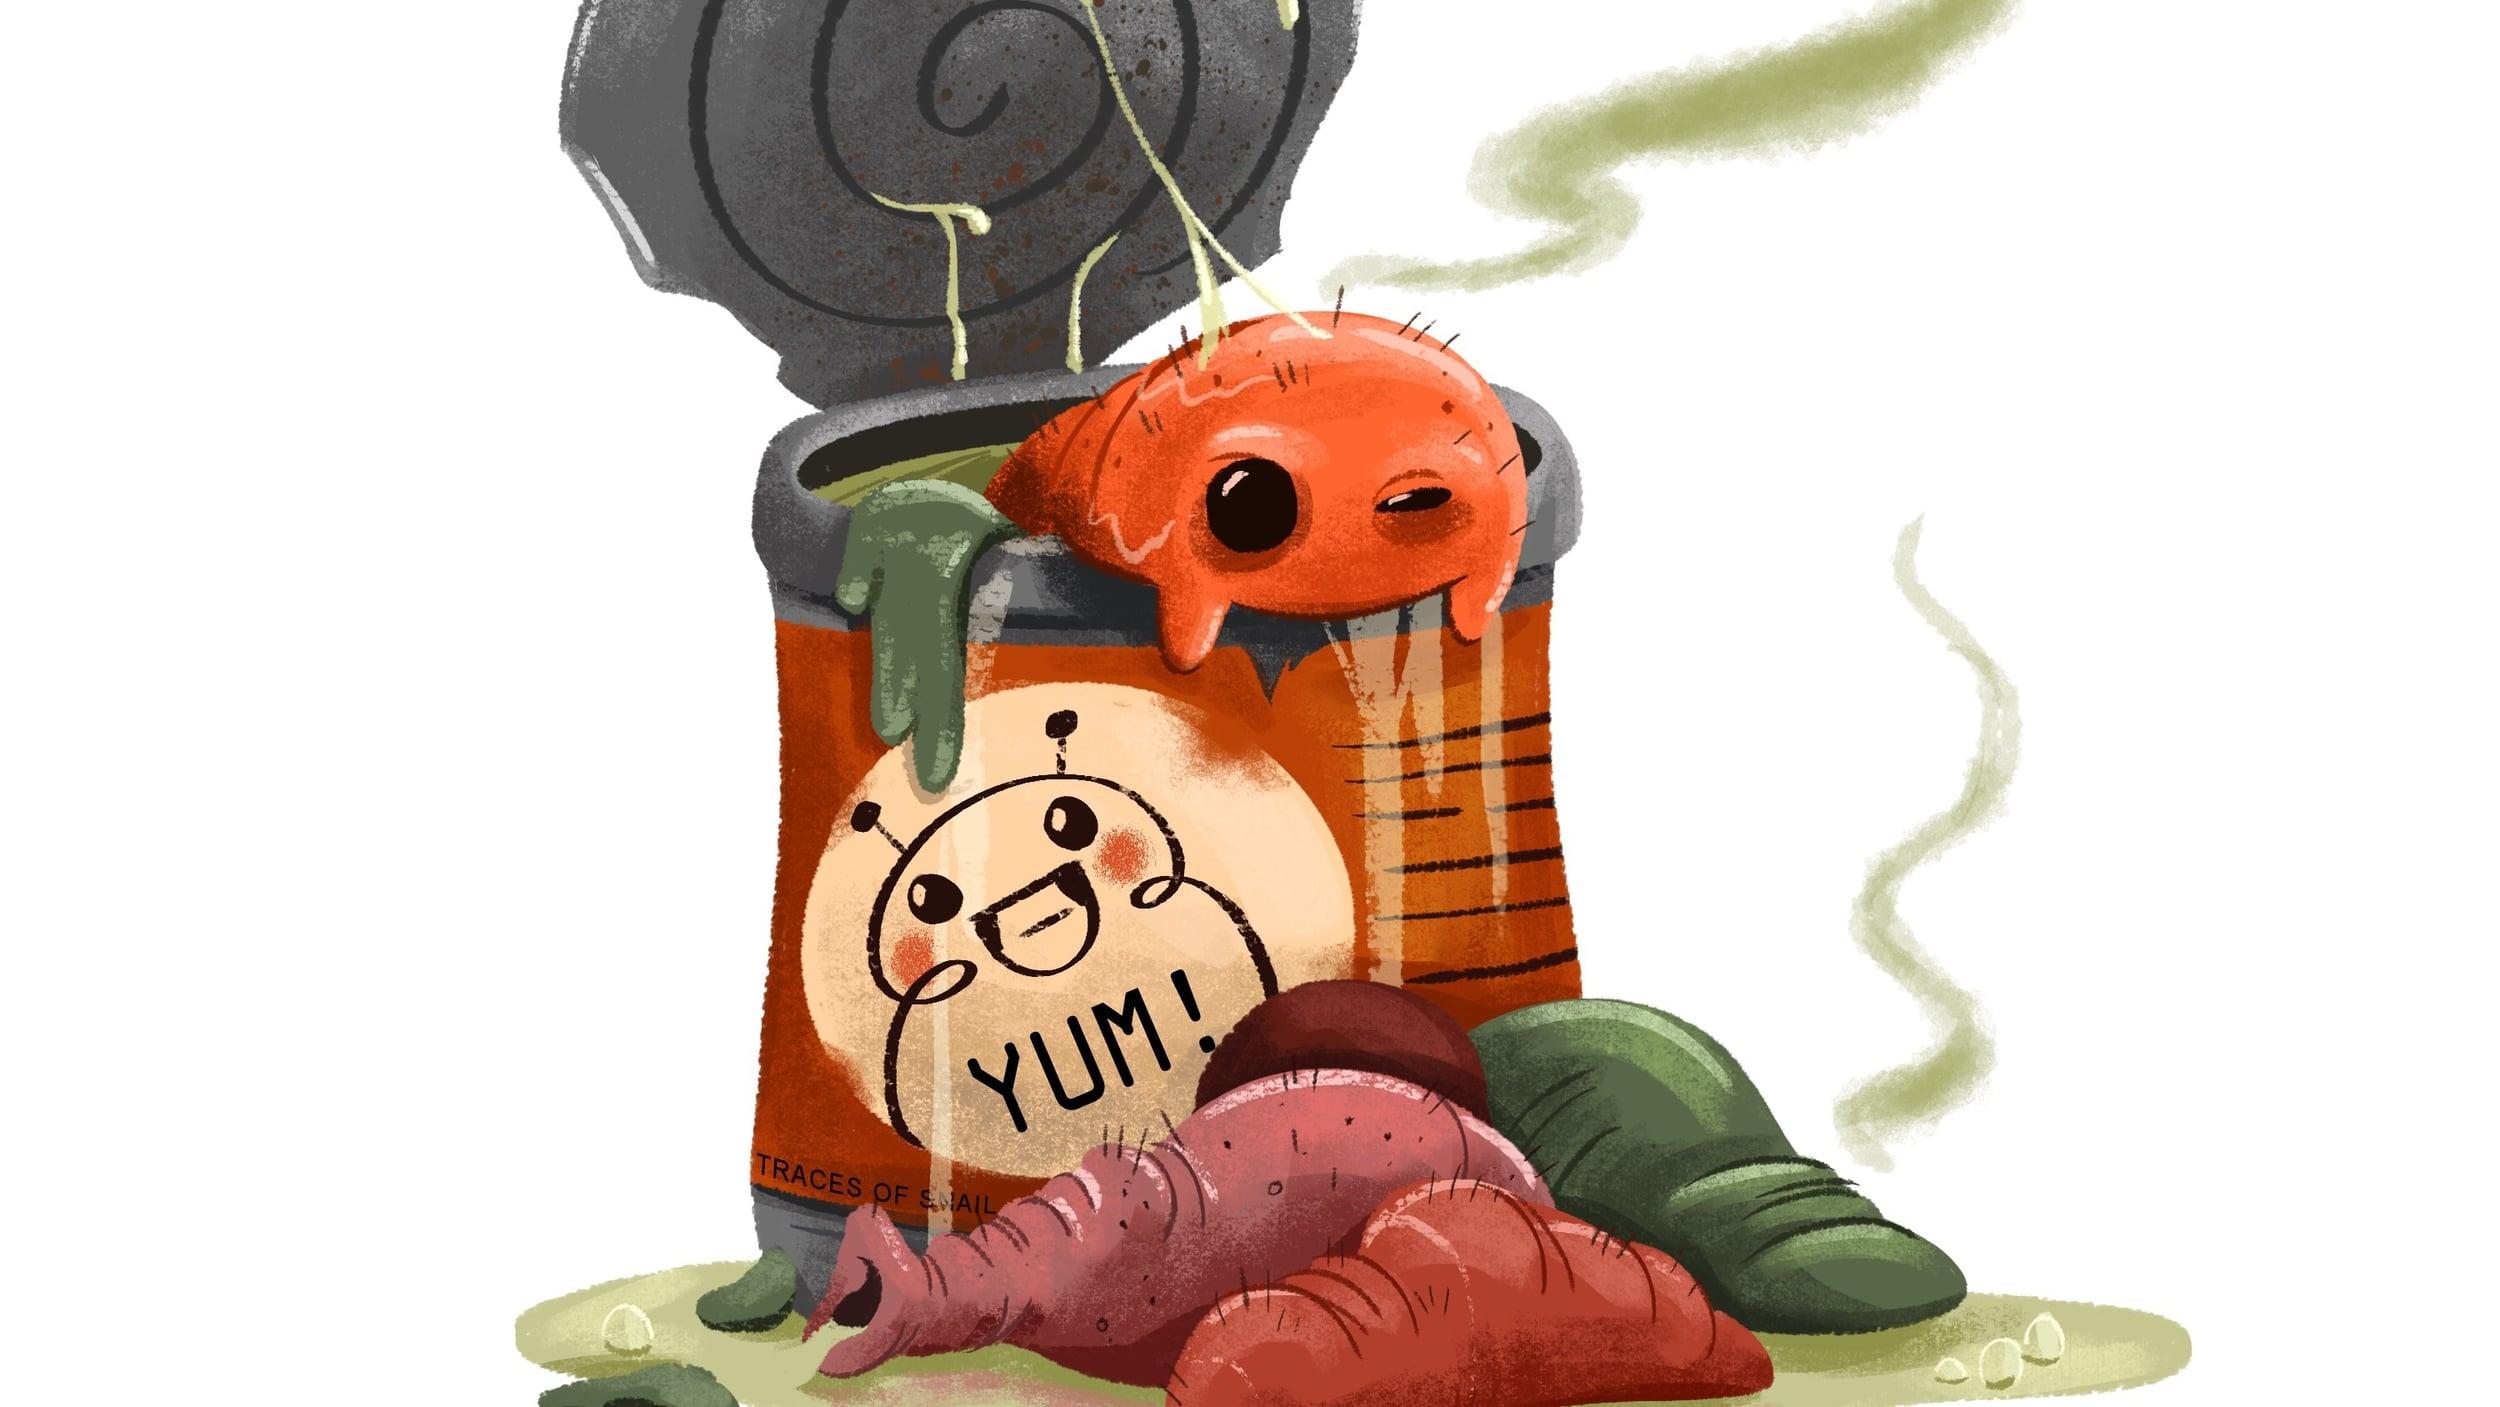 Grub Yums!